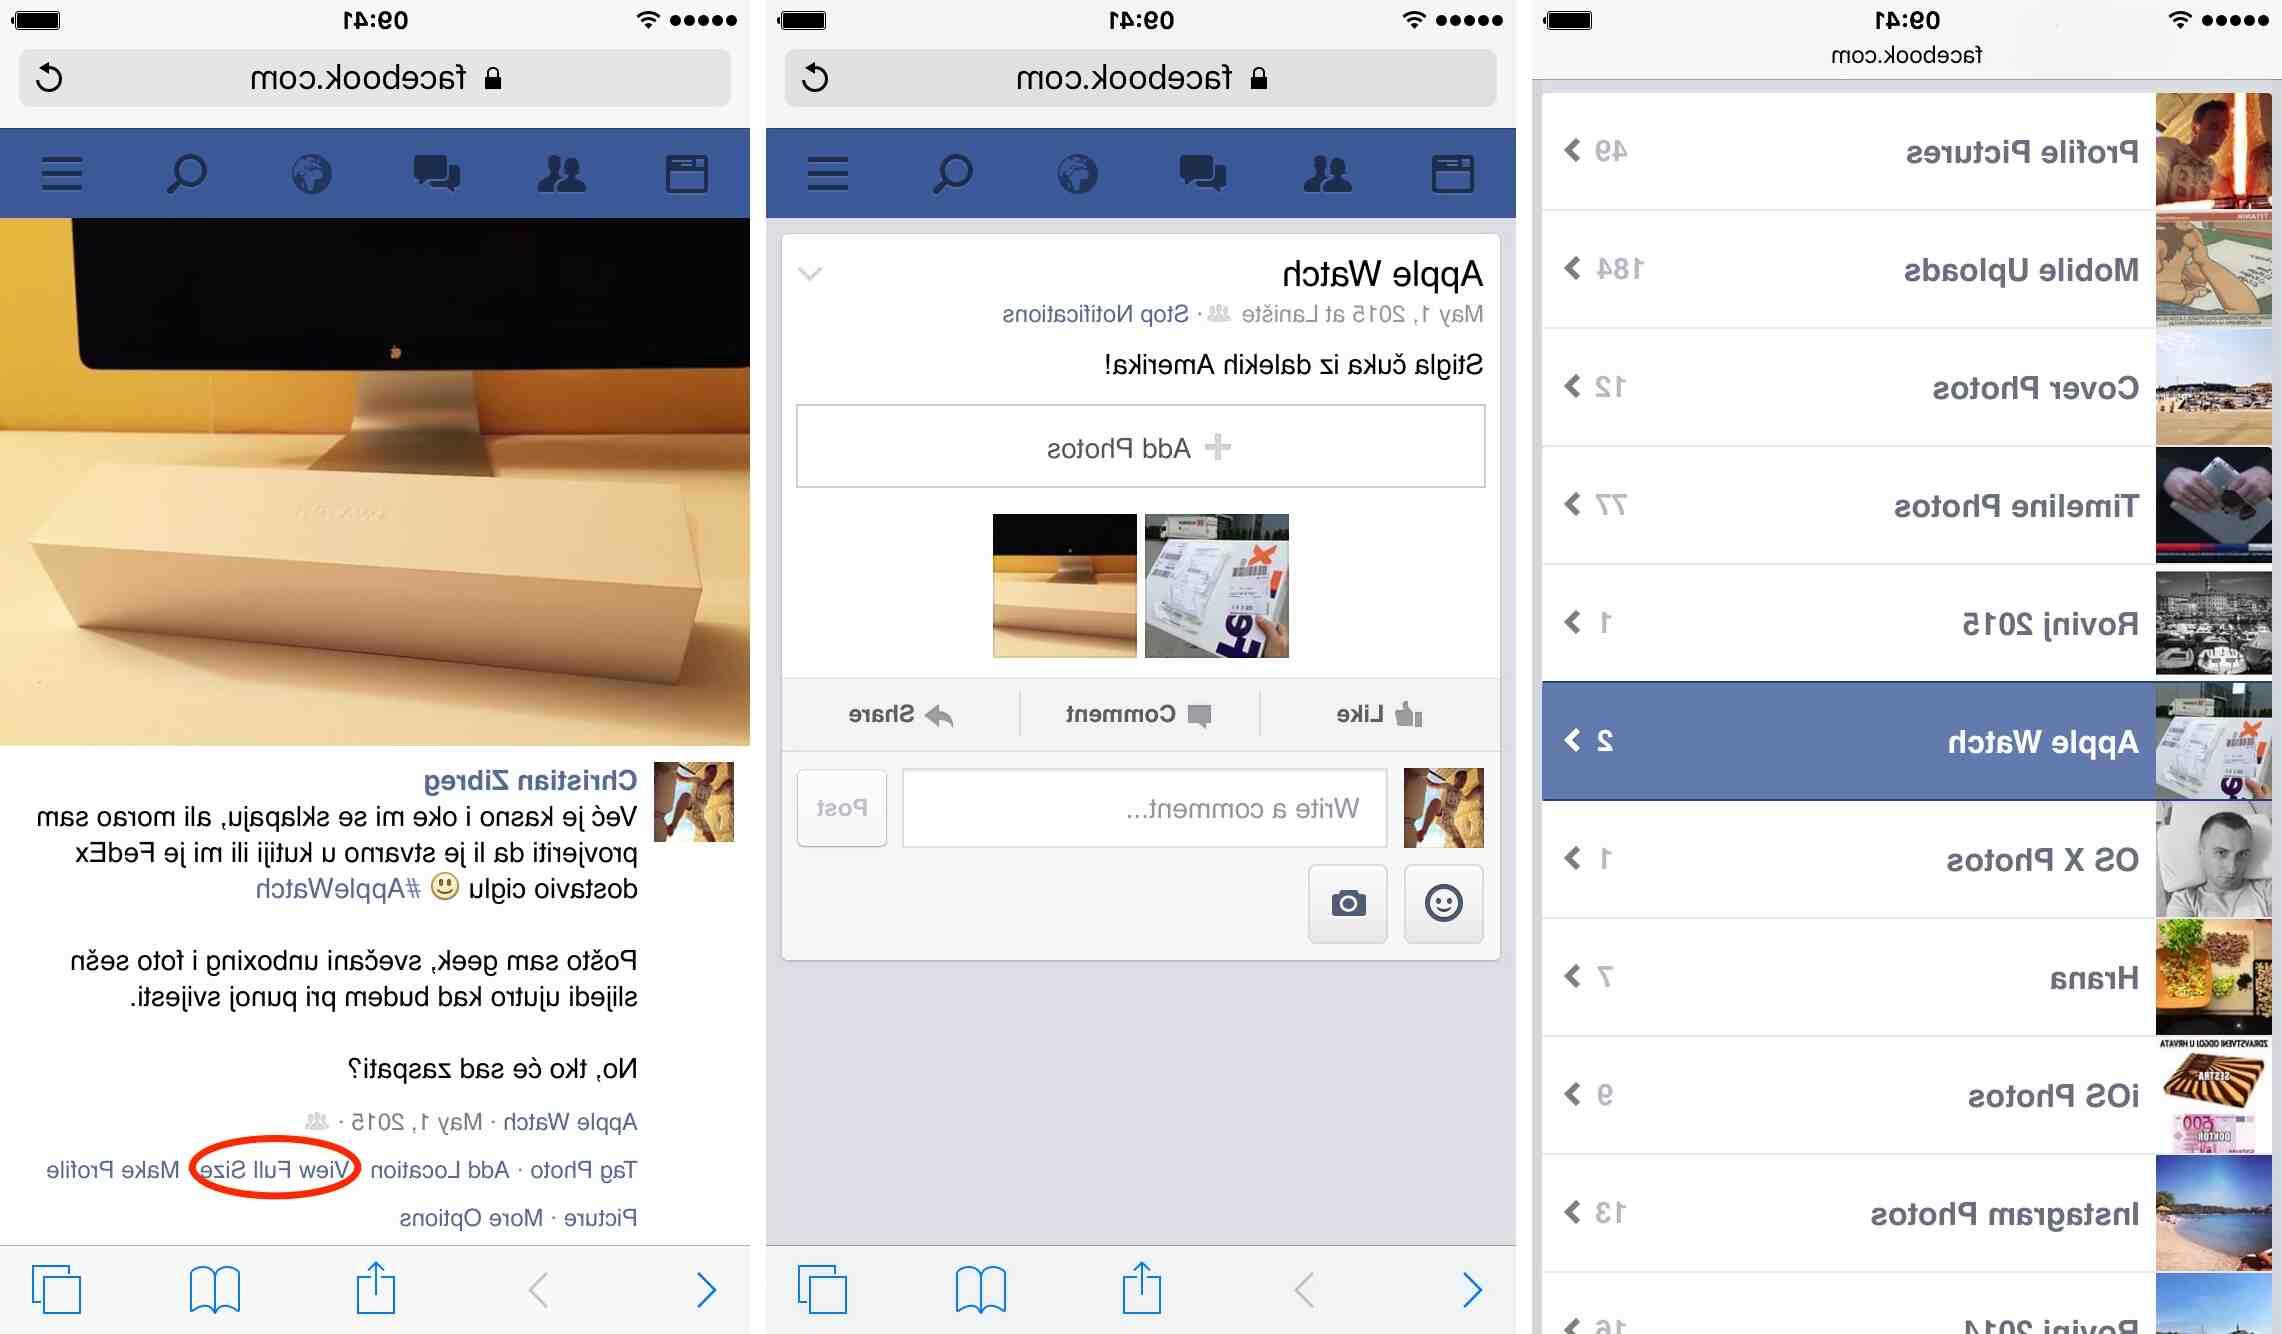 Comment enregistrer une vidéo de Facebook dans ma galerie ?